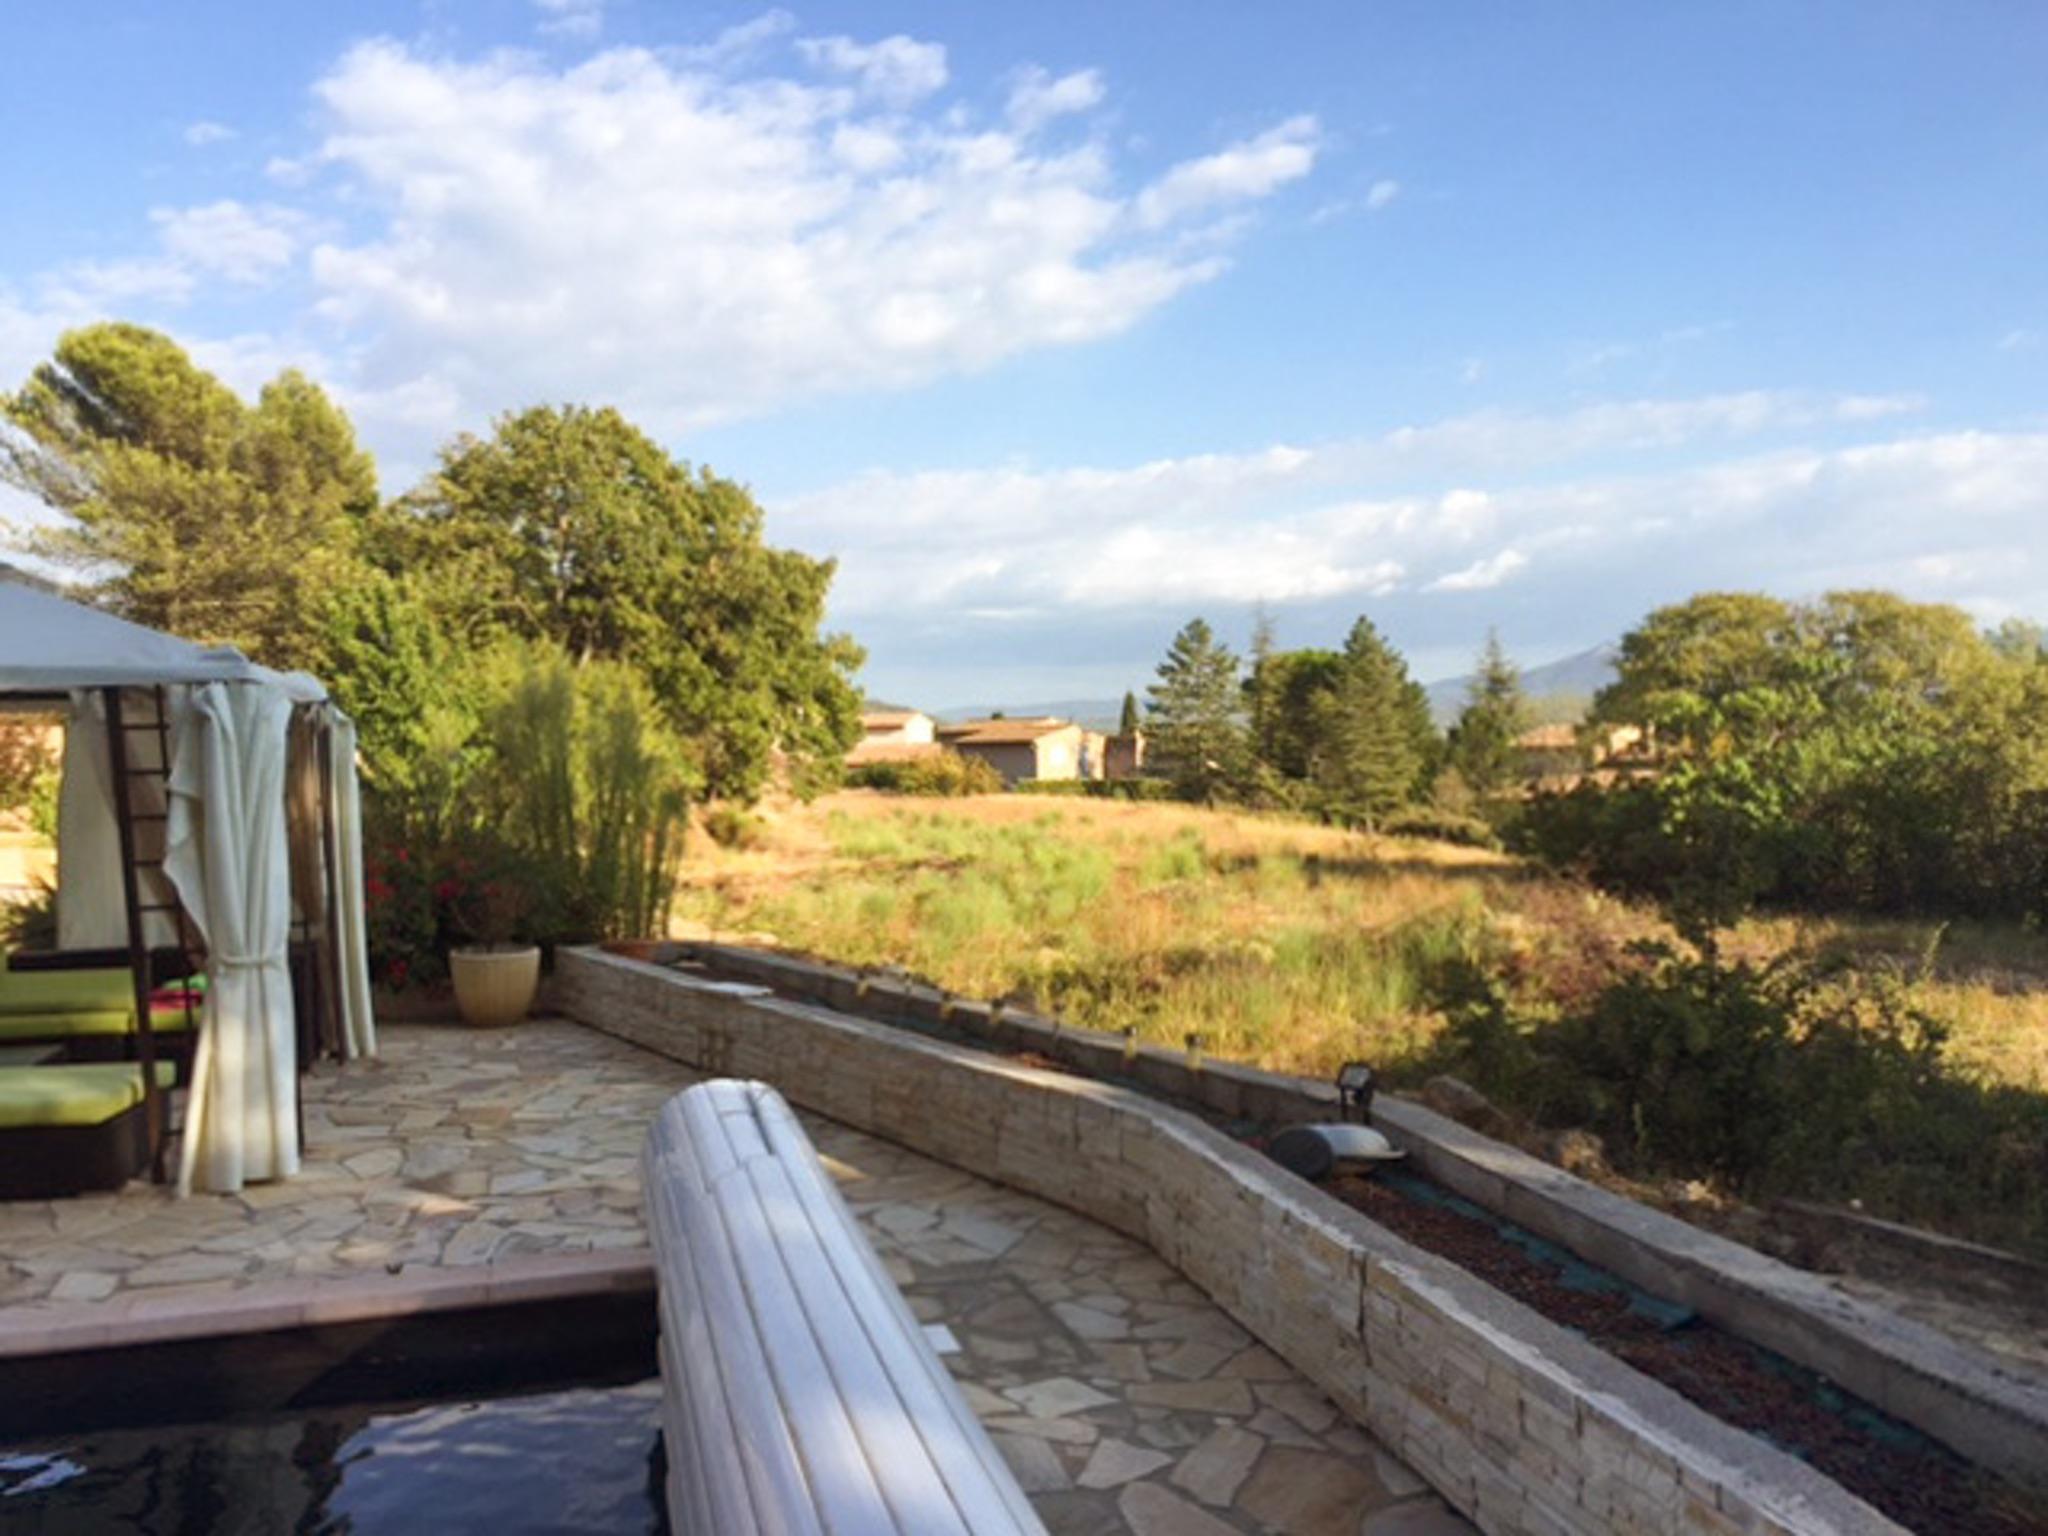 Ferienhaus Haus mit drei Schlafzimmern, Pool, Garten und Terrasse in der Luberon (2201928), Pertuis, Vaucluse, Provence - Alpen - Côte d'Azur, Frankreich, Bild 40